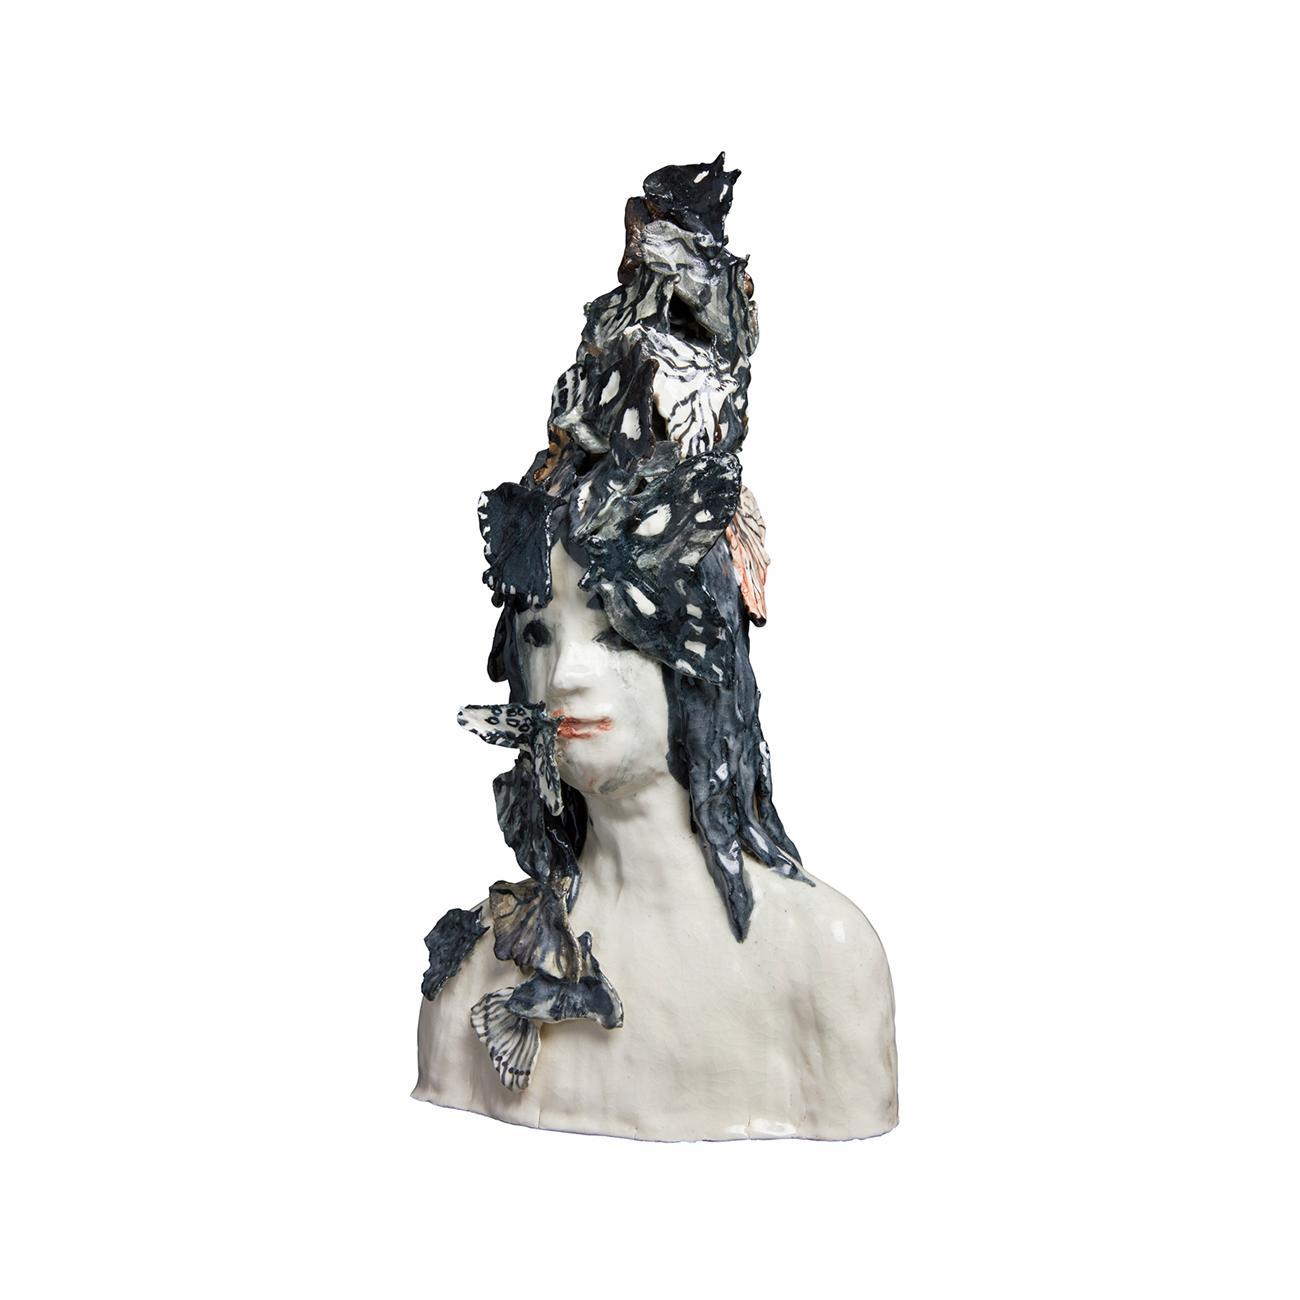 Klara Kristalova  Utan titel  2012 Sculpture in glazed ceramics 45 x 30 x 18 cm